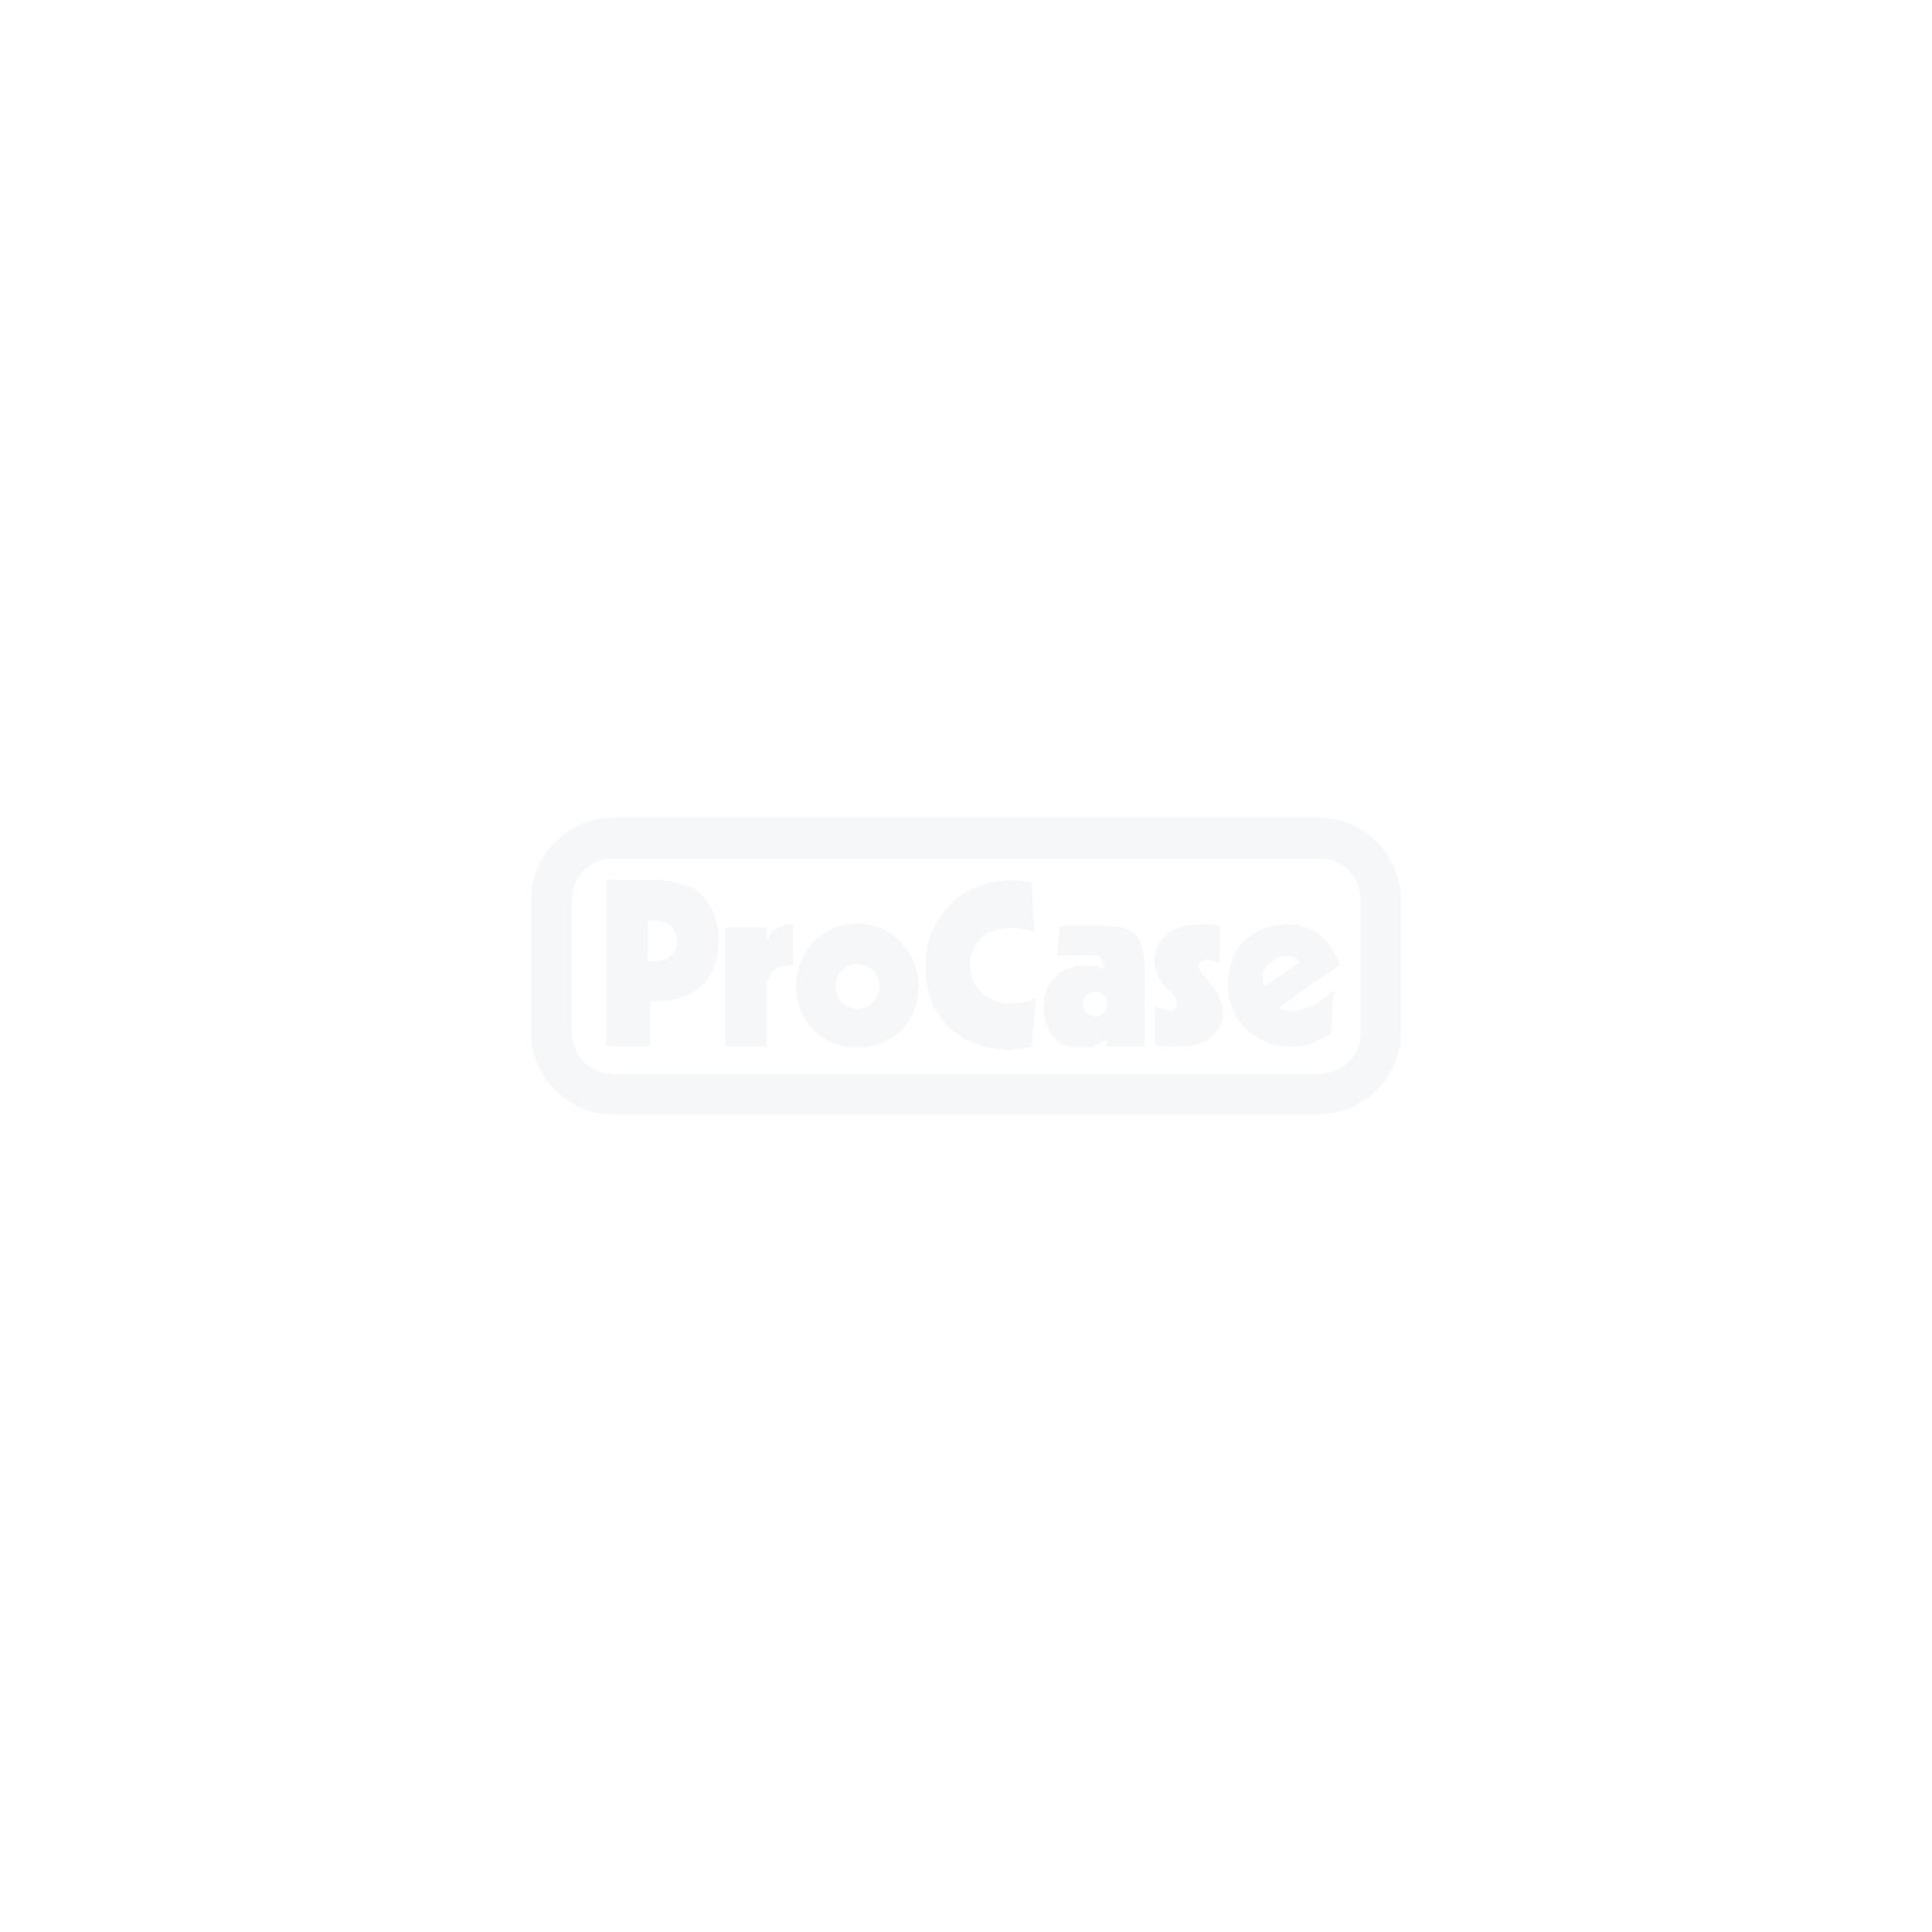 QSD-Rack 20HE 600 mm tief 3